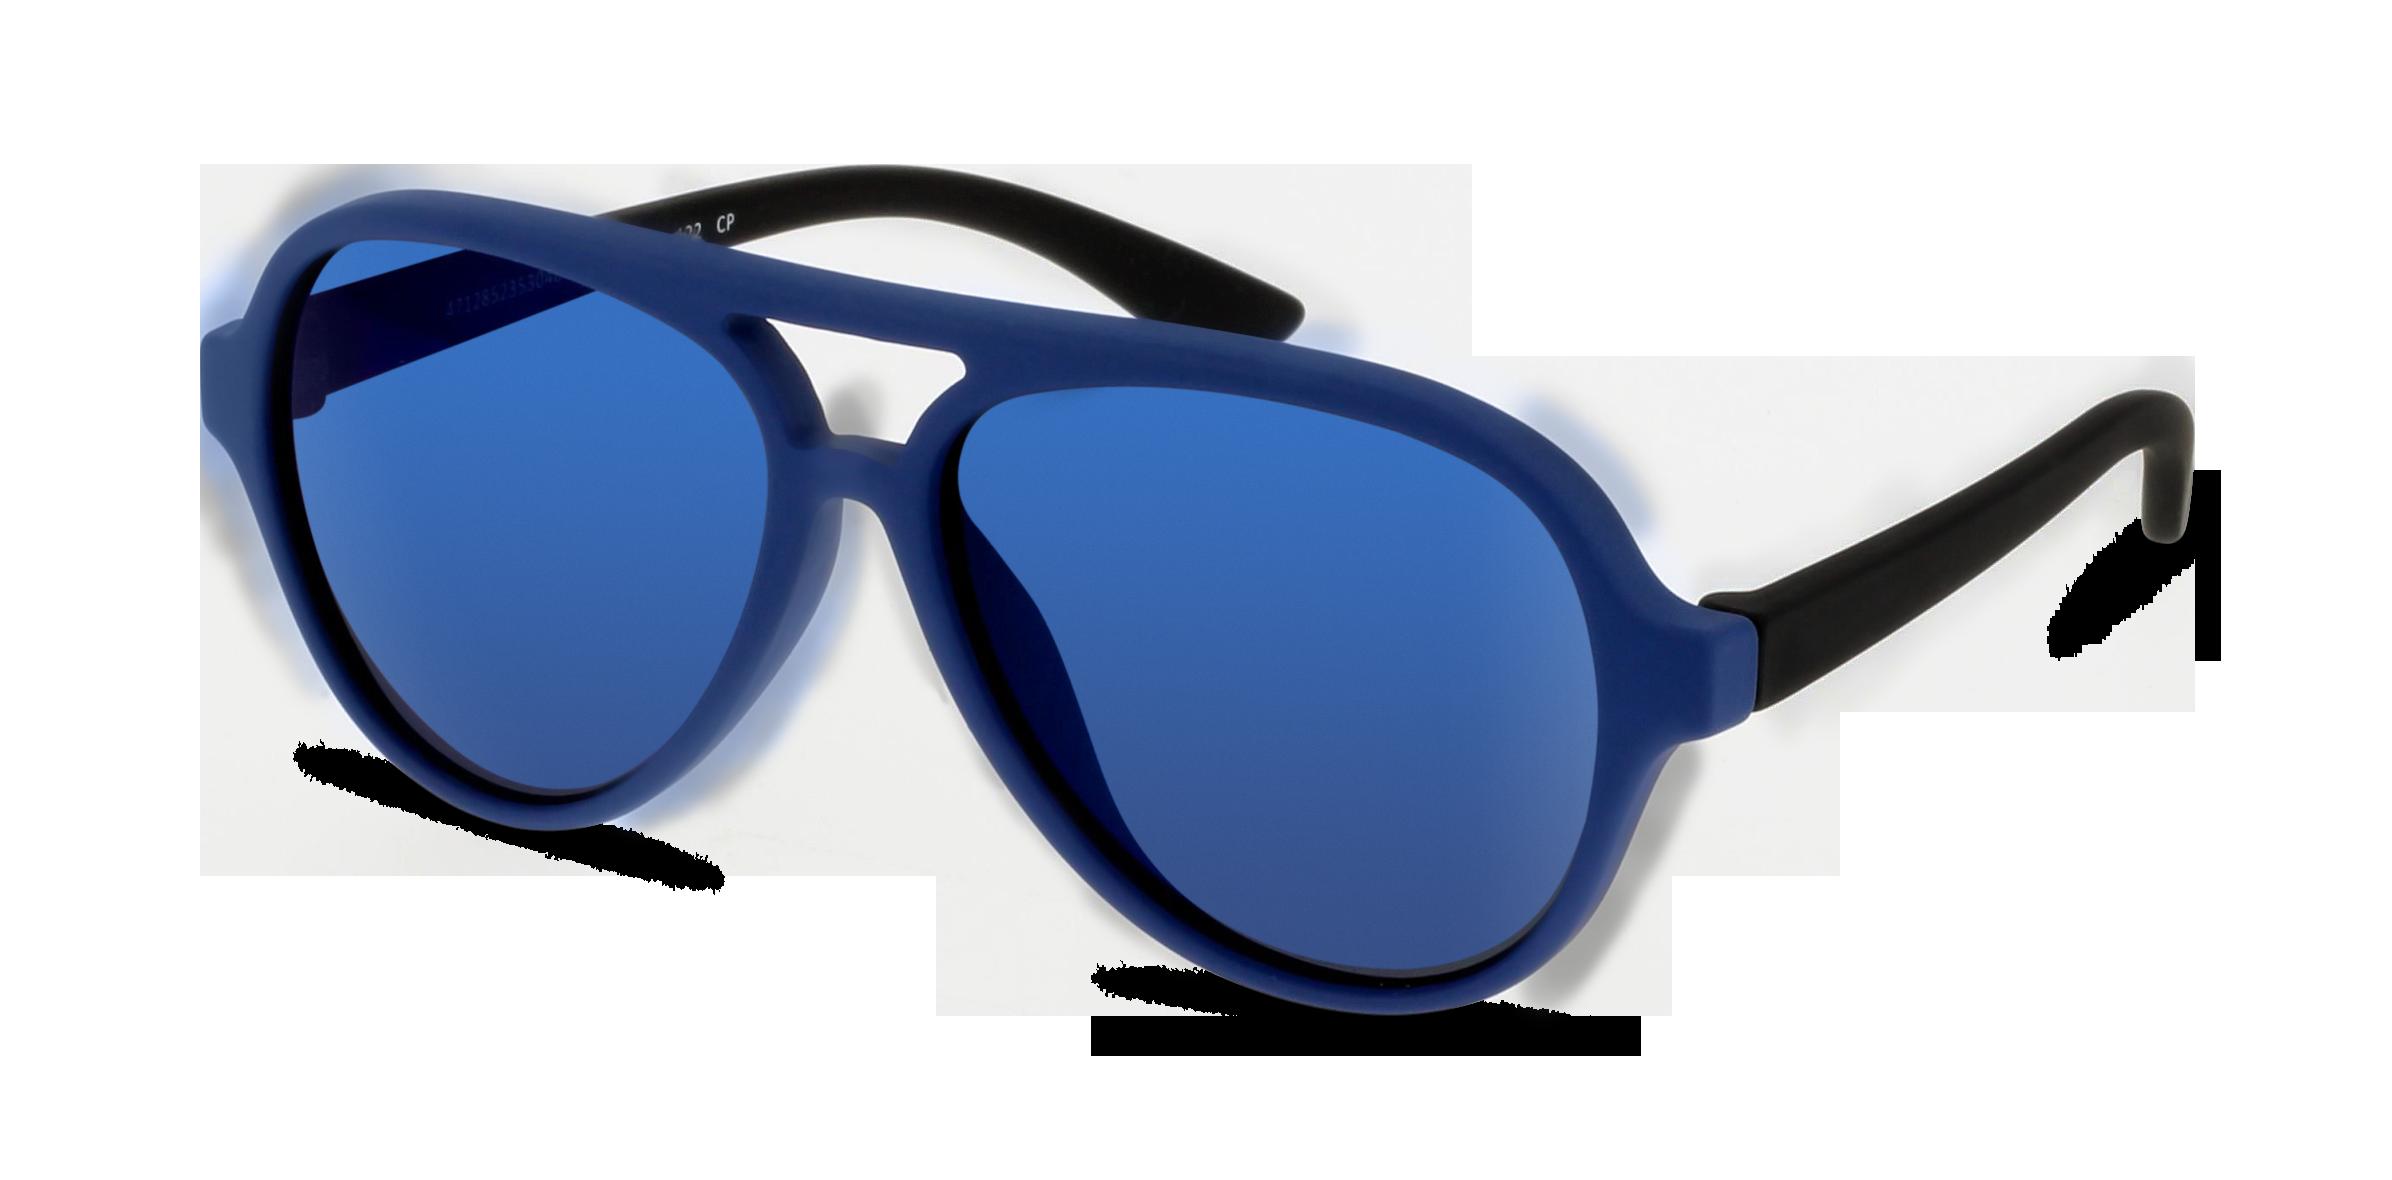 Angle_Left01 Solaris Solaris AK13 CC 51/12 Blauw/Blauw